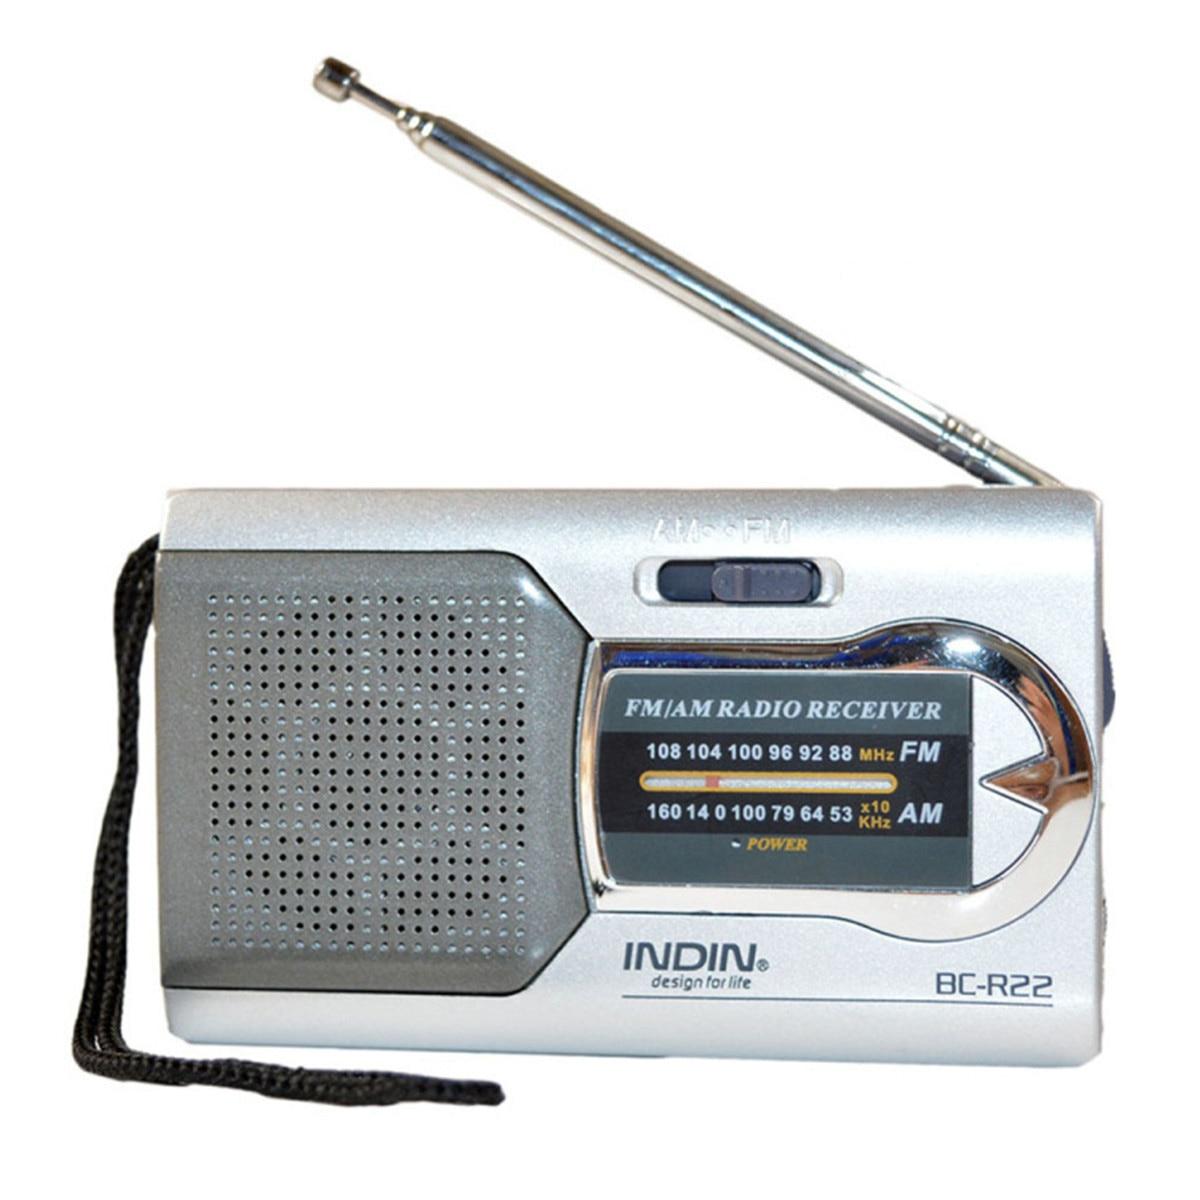 INDIN Silver Mini Portable AM/FM Telescopic Antenna Radio